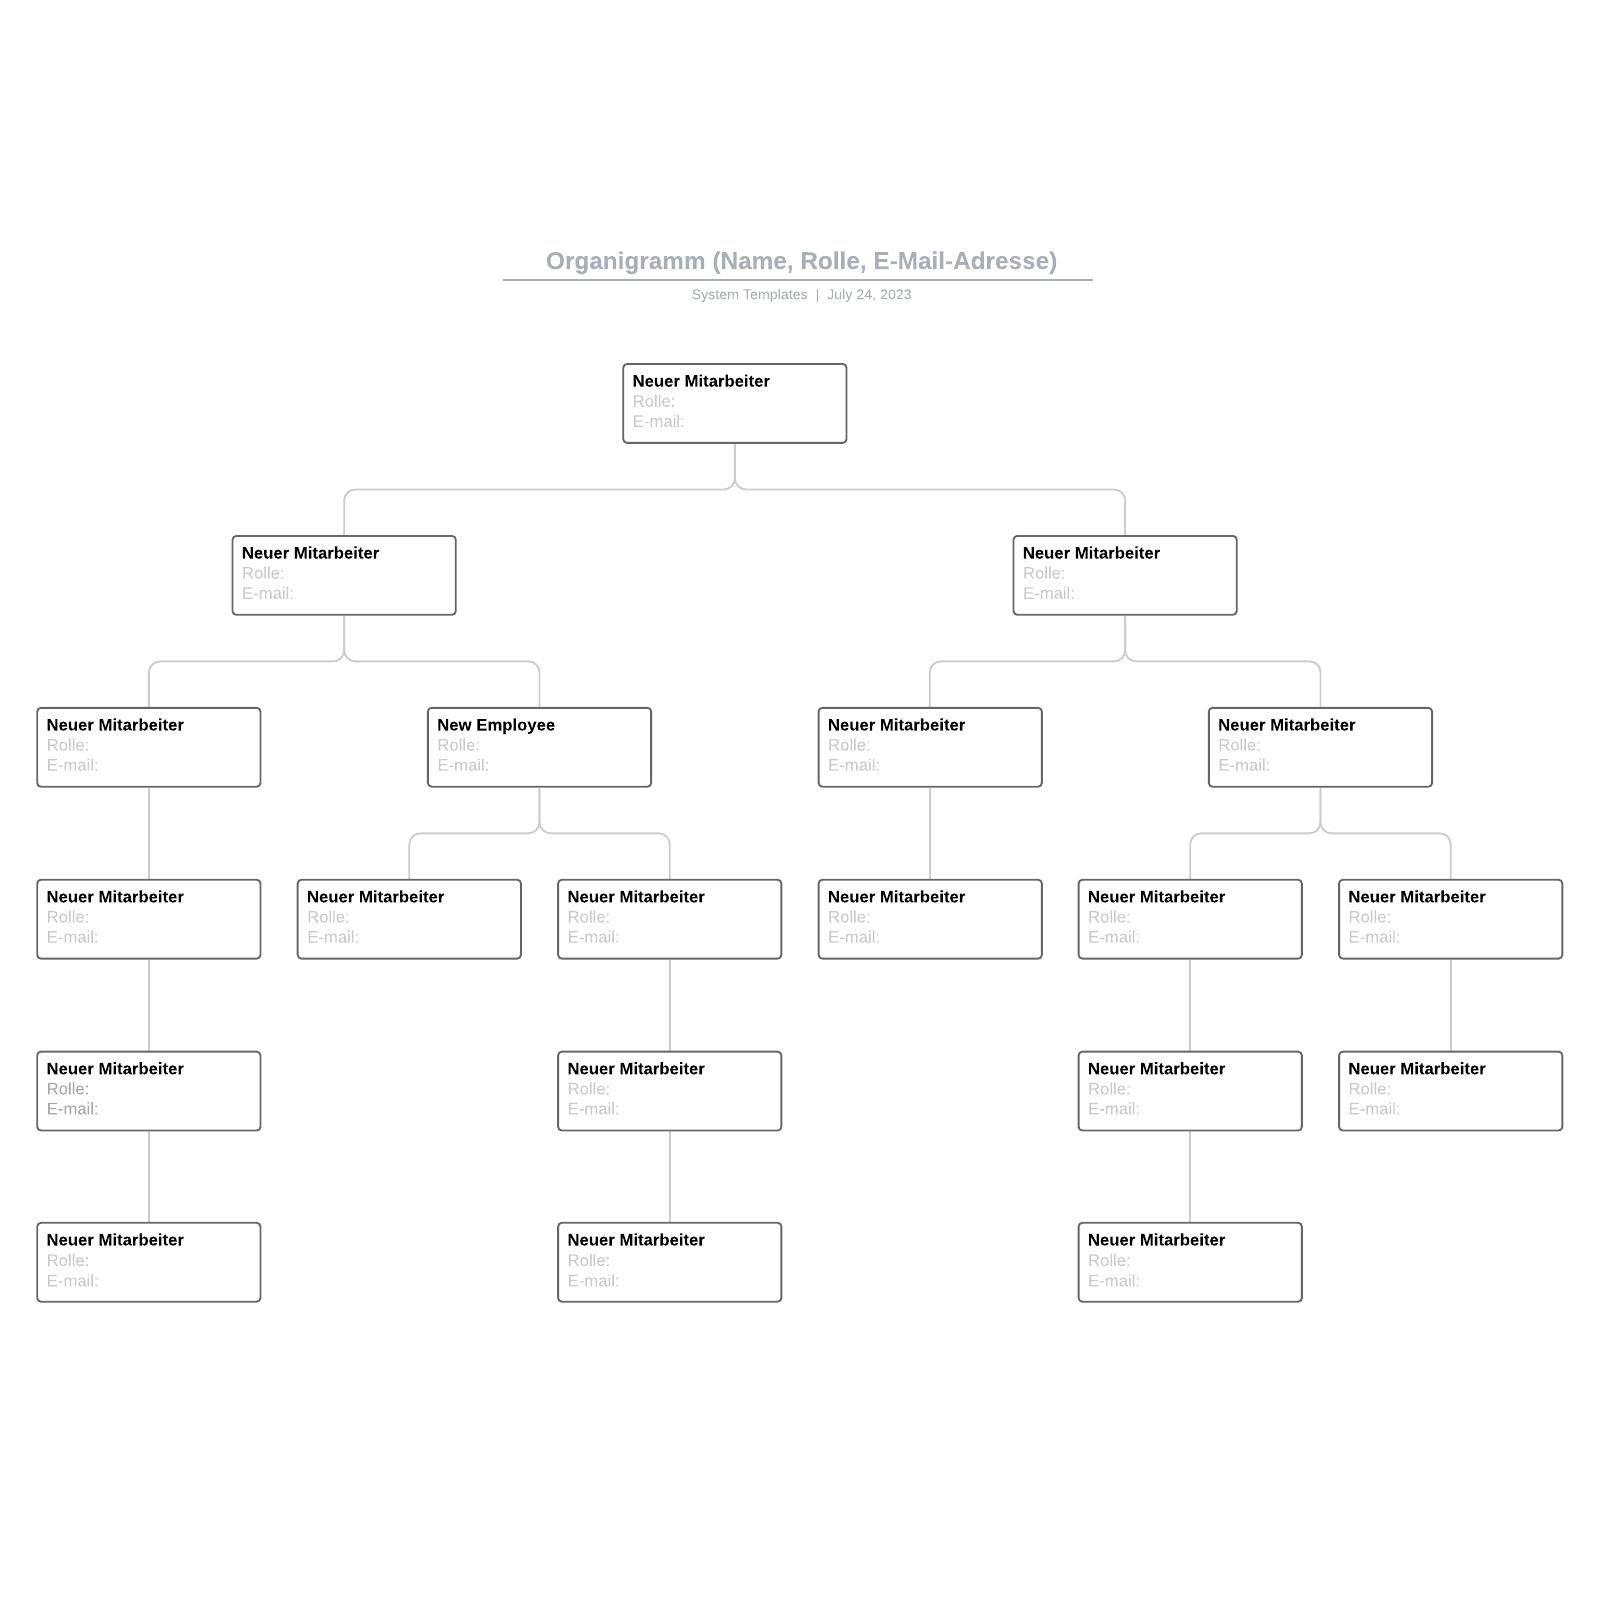 Organigramm Vorlage (Name, Rolle, E-Mail-Adresse)